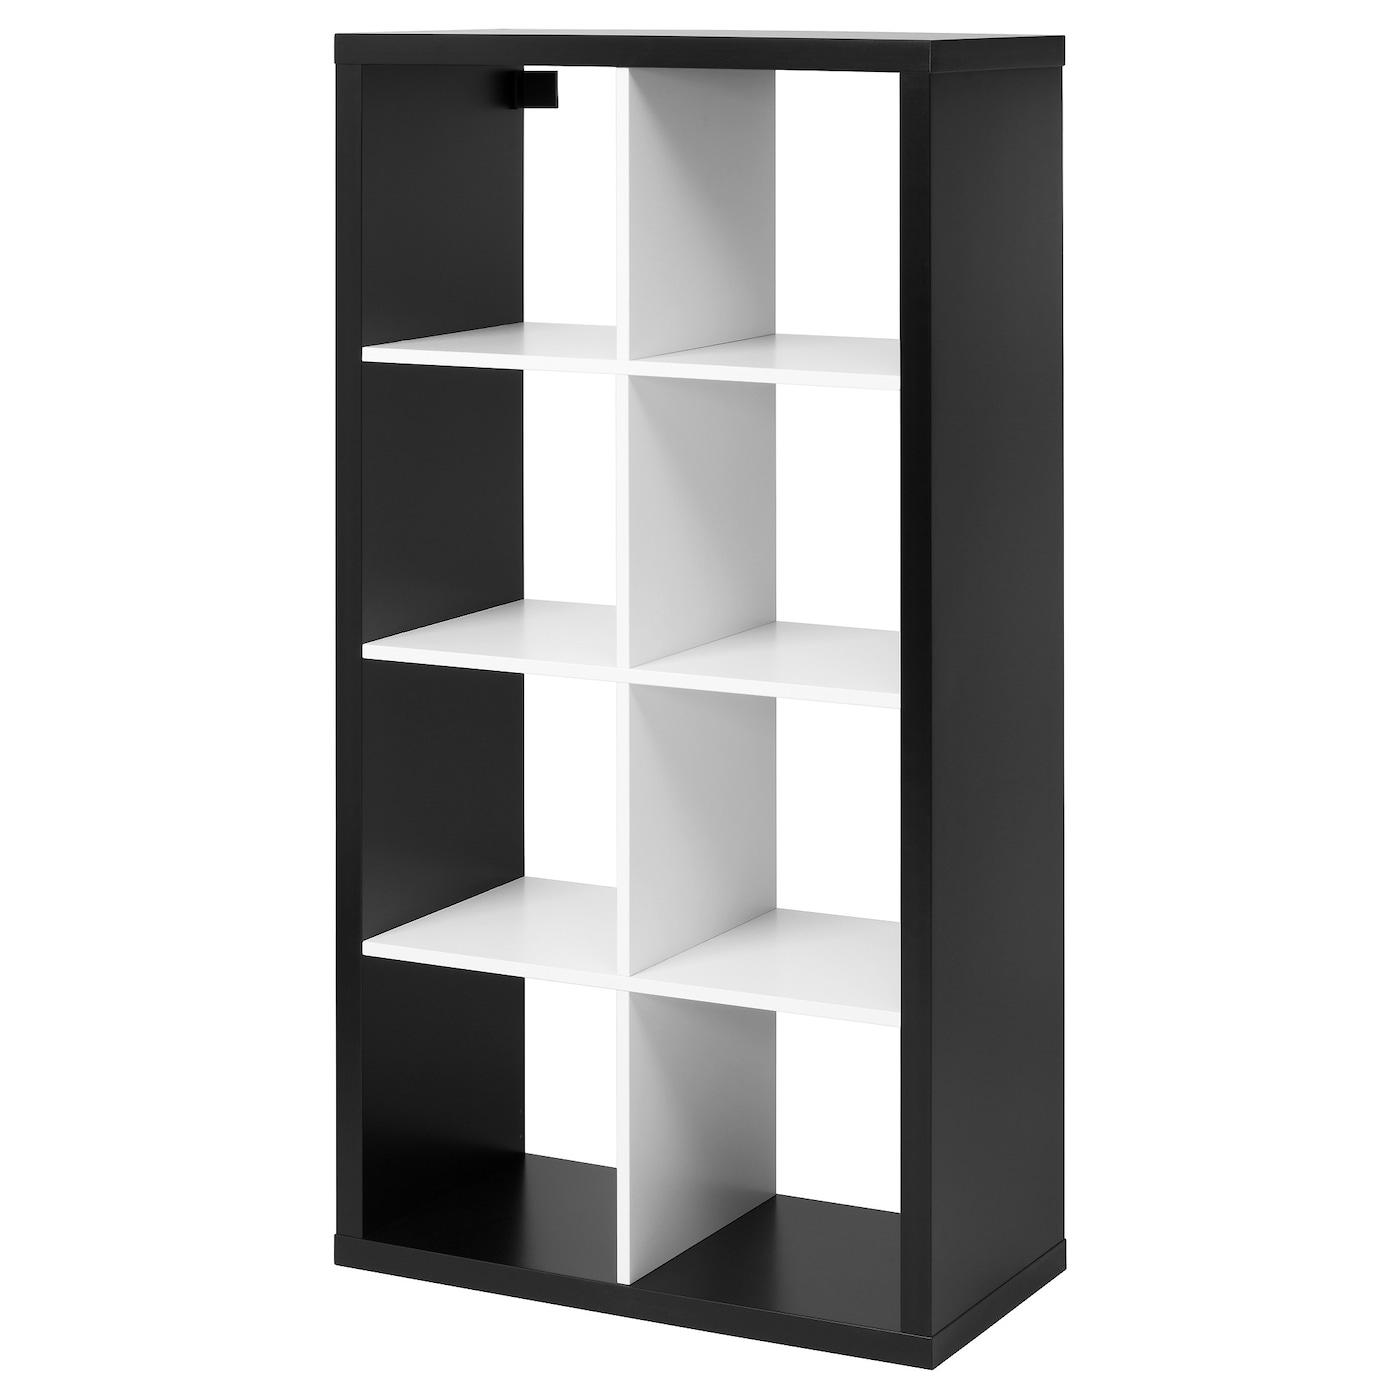 KALLAX Open kast Zwart/wit 77x147 cm - IKEA